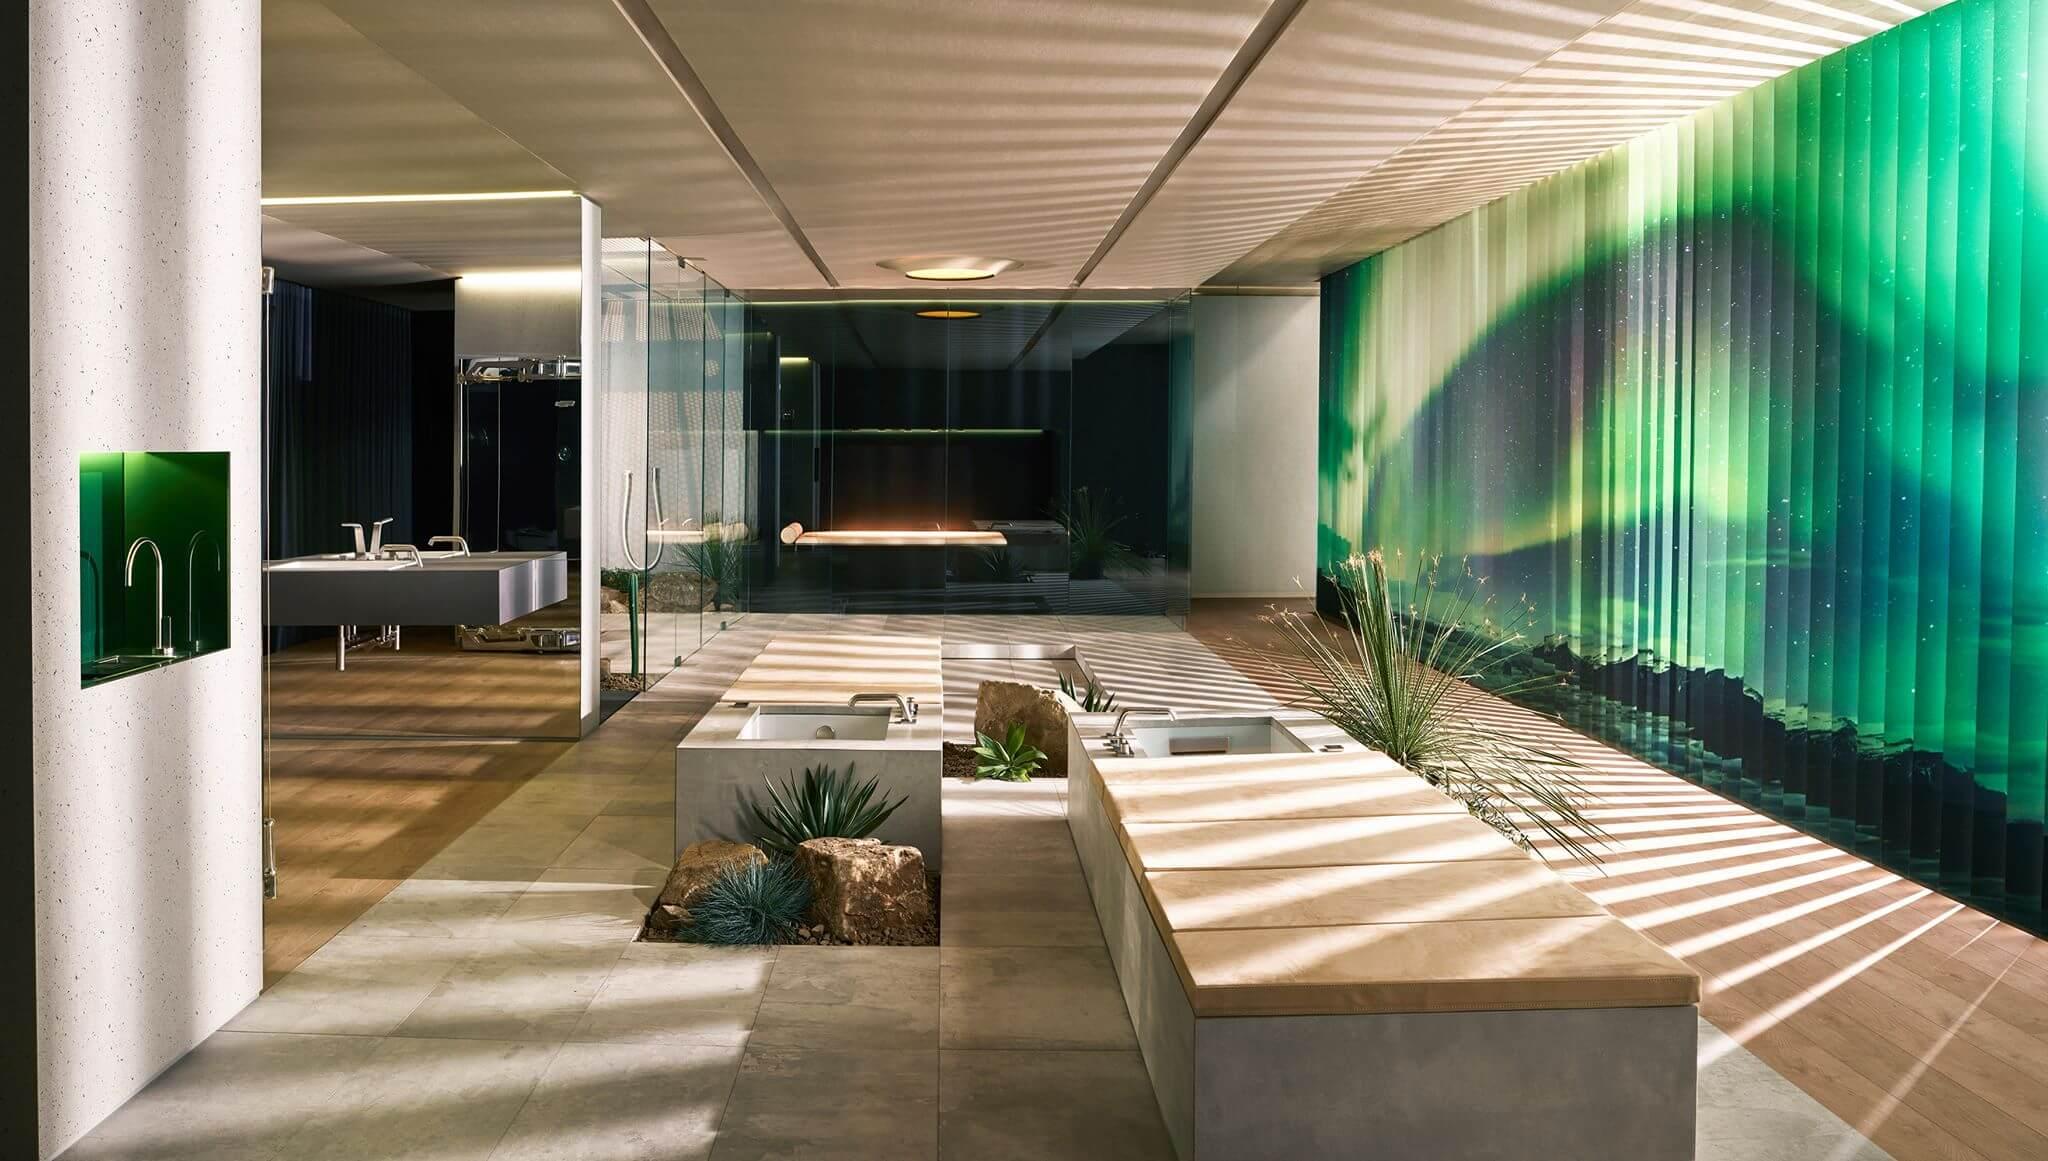 megatrend lifespa von dornbracht die badgestaltung. Black Bedroom Furniture Sets. Home Design Ideas